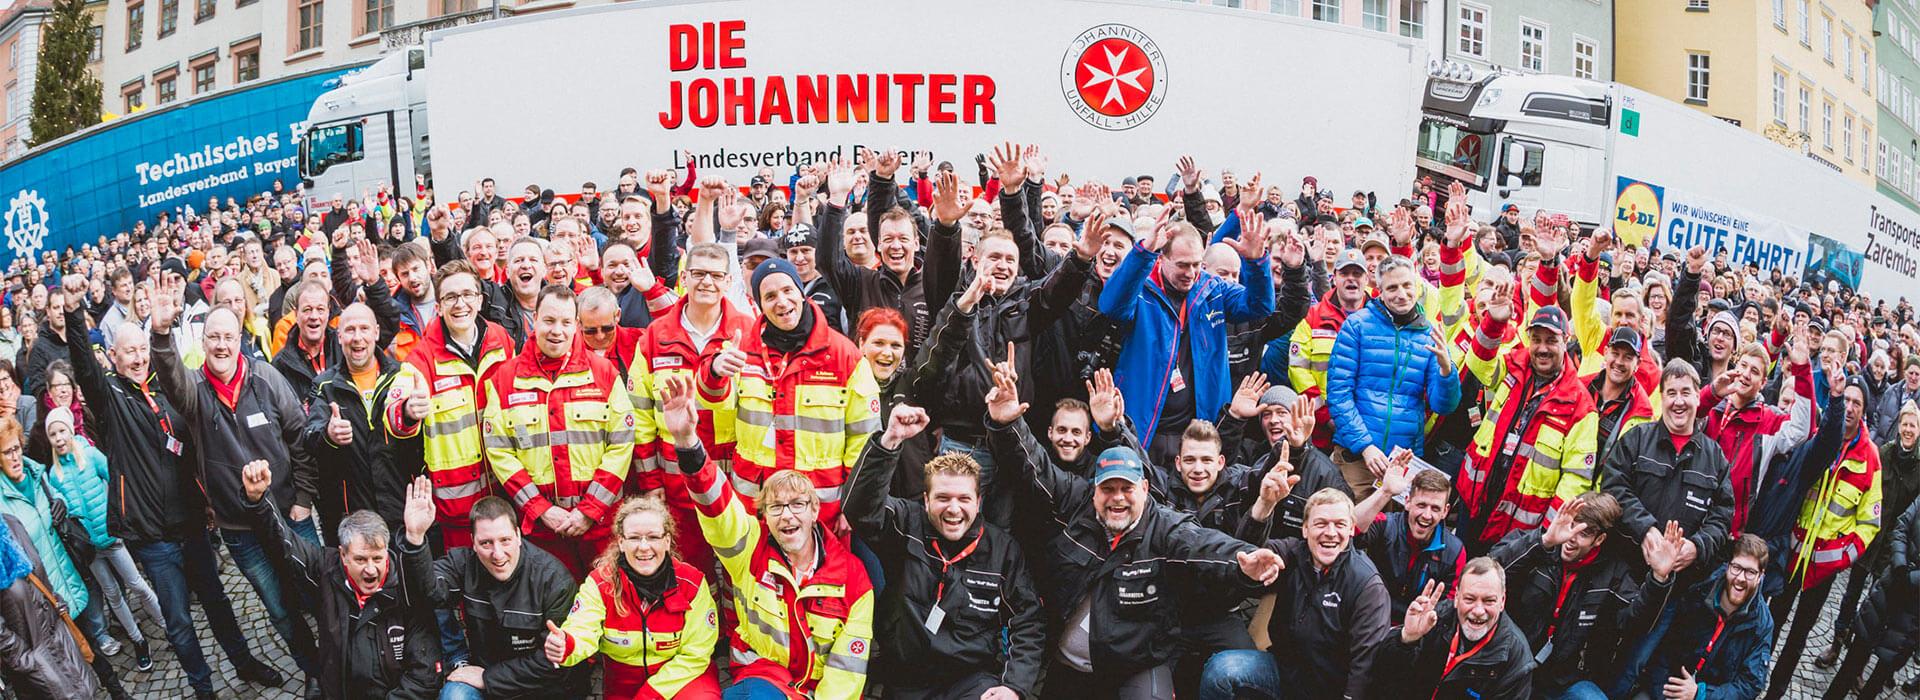 Johanniter-Weihnachstrucker_Aktion_Header